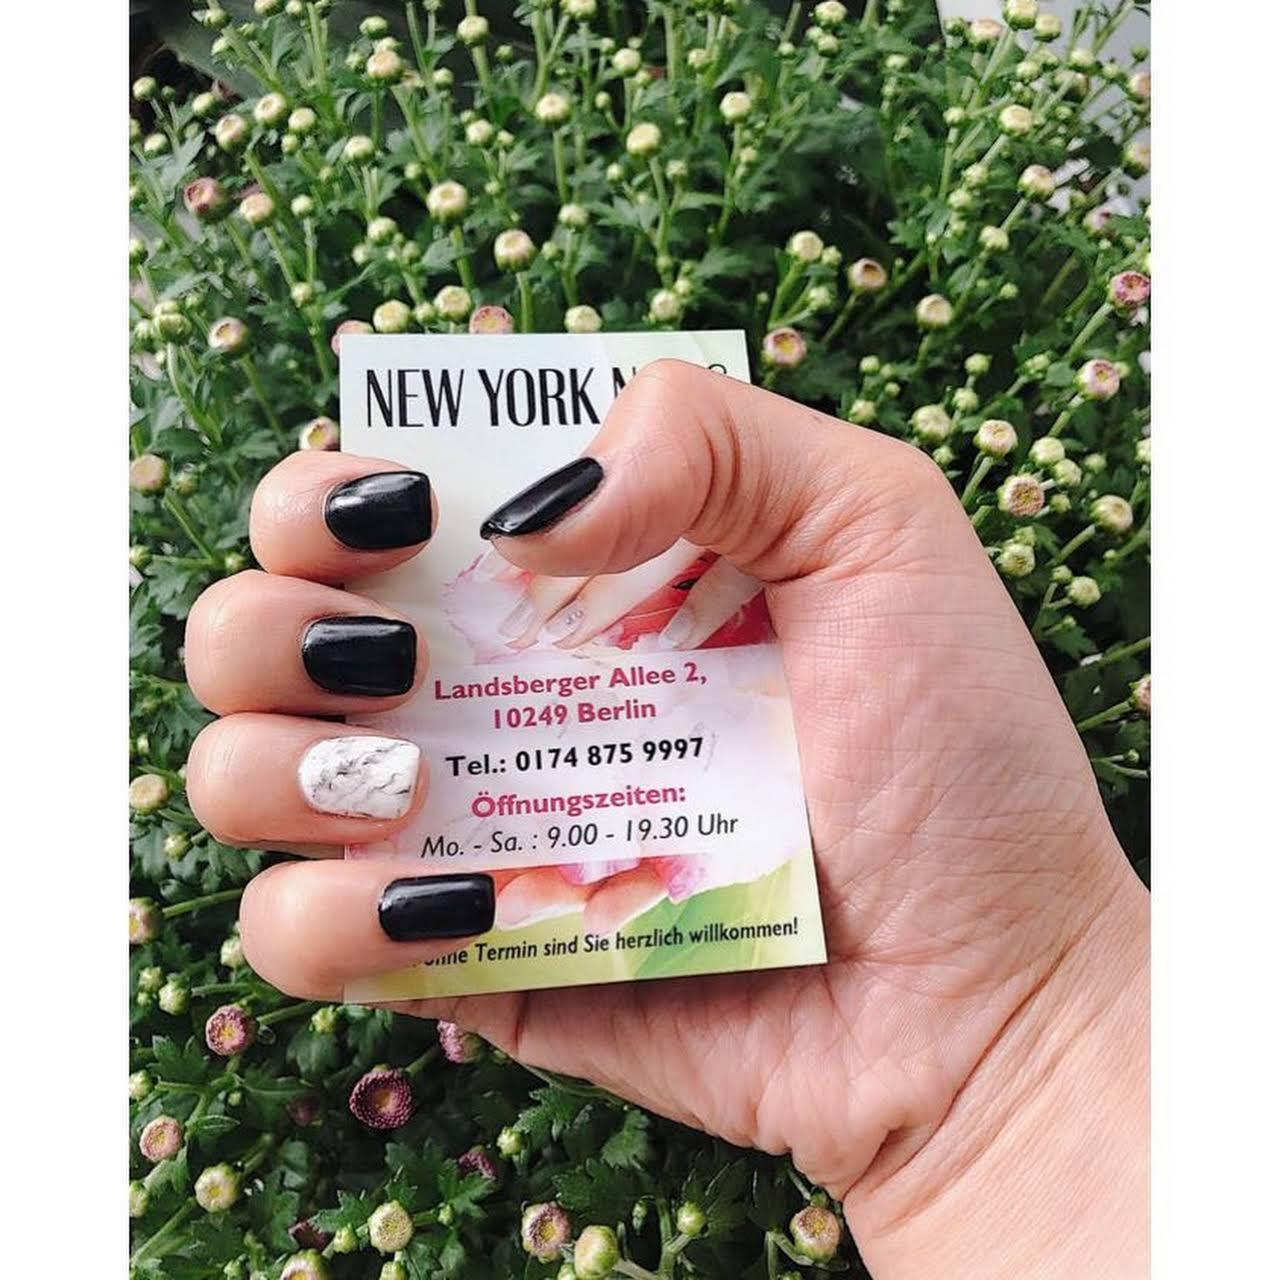 New York Nails Landsberger Allee. 2 - Beauty Salon in Berlin